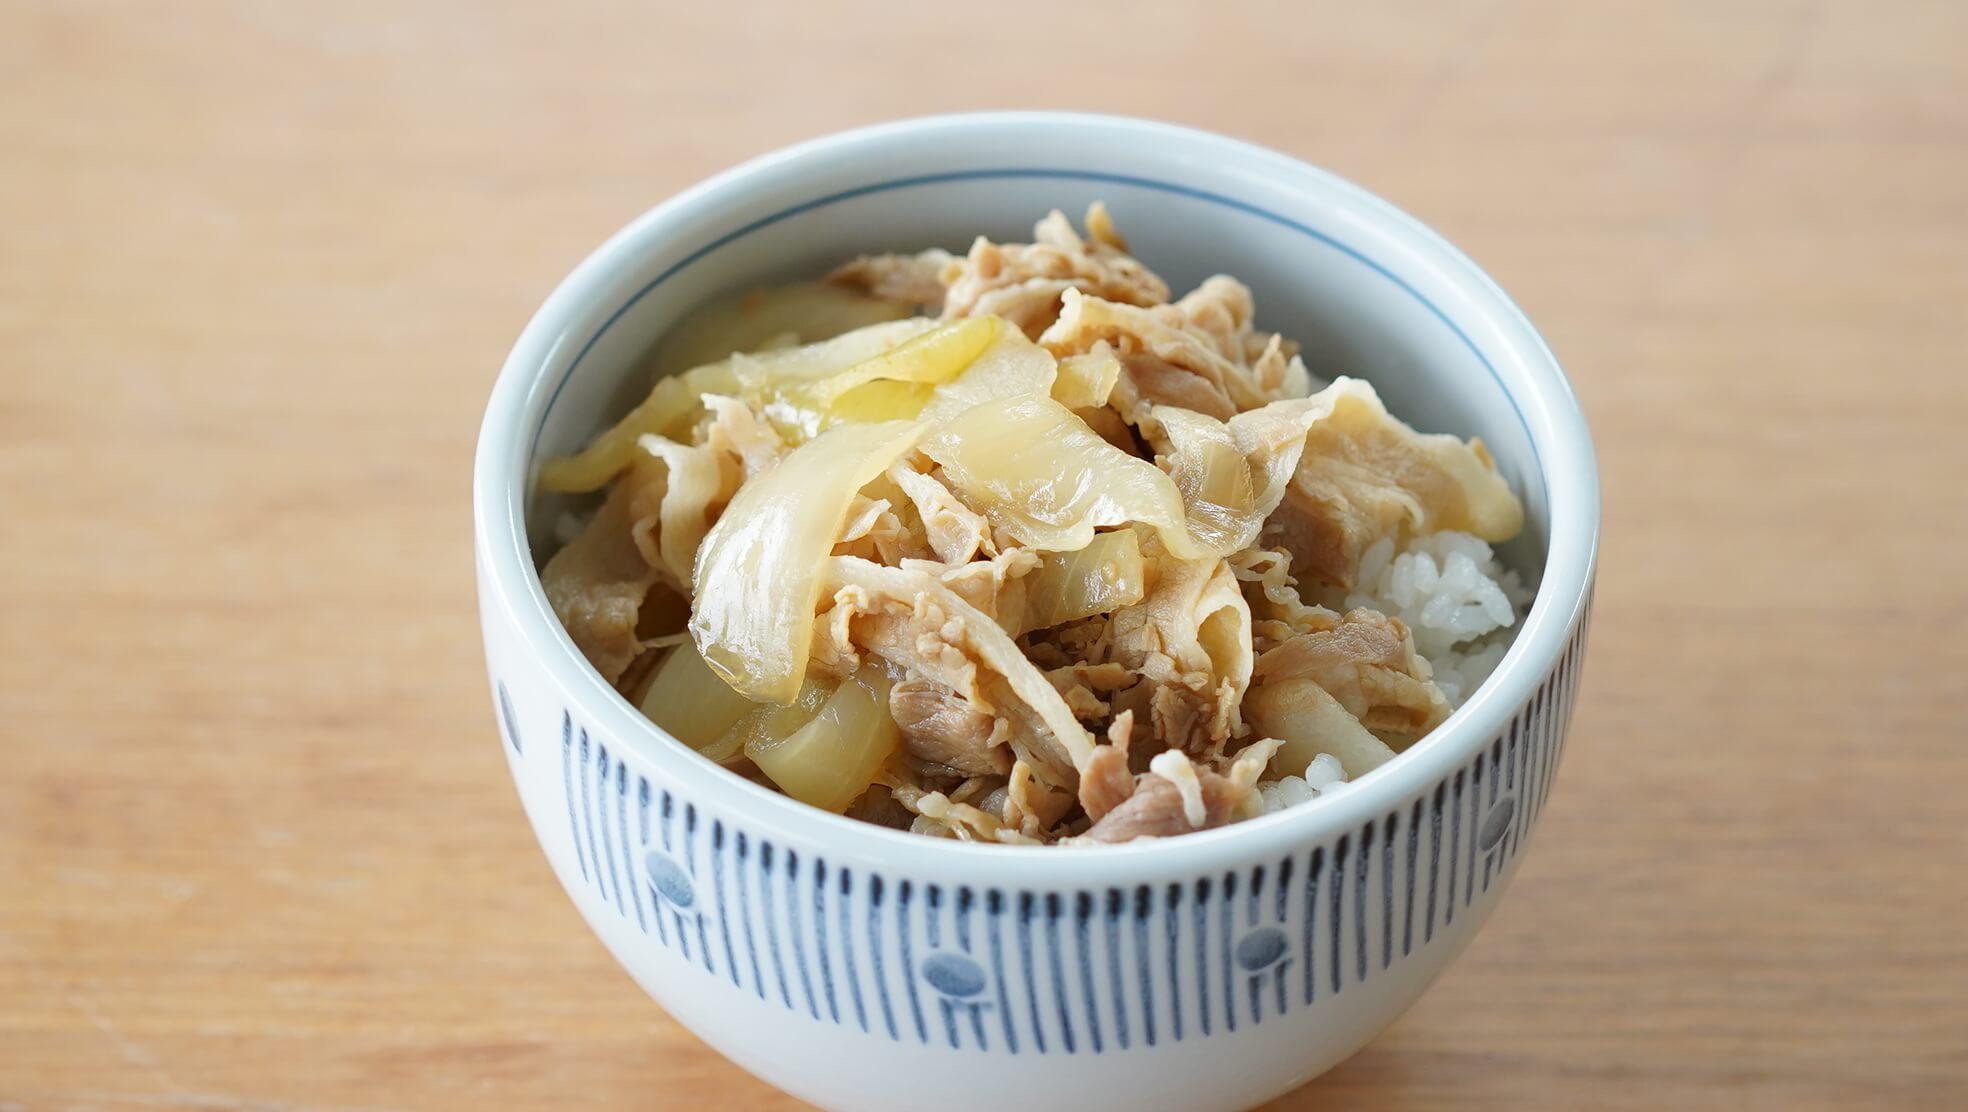 吉野家の冷凍食品「豚丼」をご飯の上に盛り付けた写真